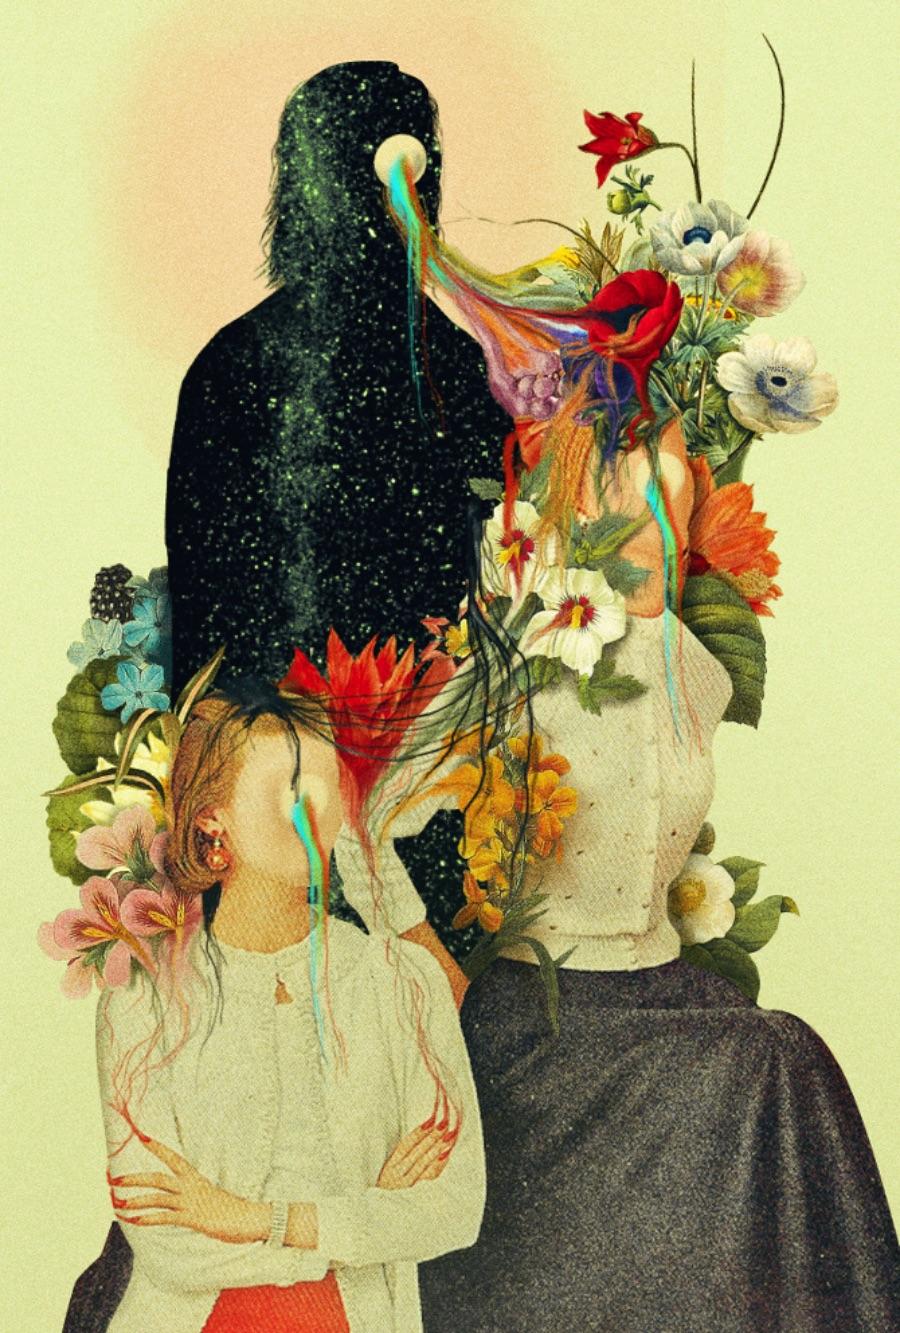 Pierre Schmidt, também conhecido como Drømsjel, é um artista que cria sensacionais misturas de ilustrações, colagens e foto manipulações que resultam em uma obra final quase surrealista.